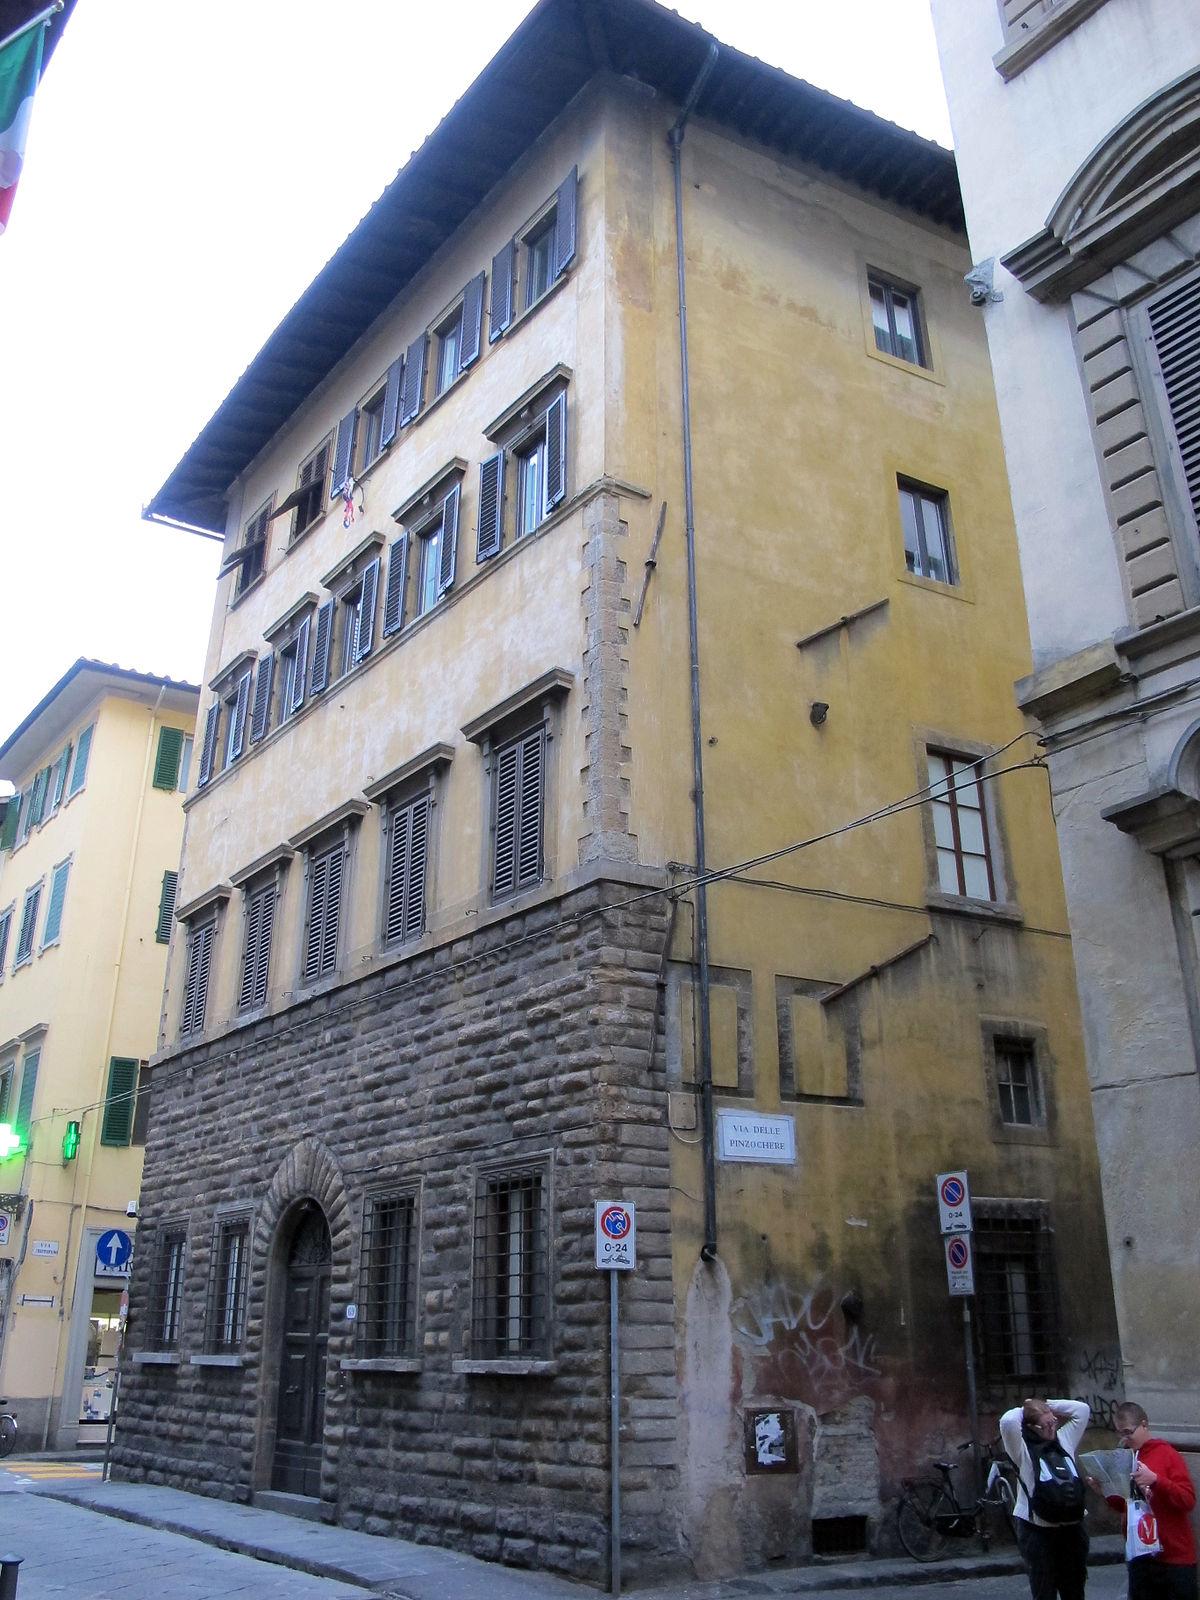 Casa del boia firenze wikipedia - Casa del giunco firenze ...